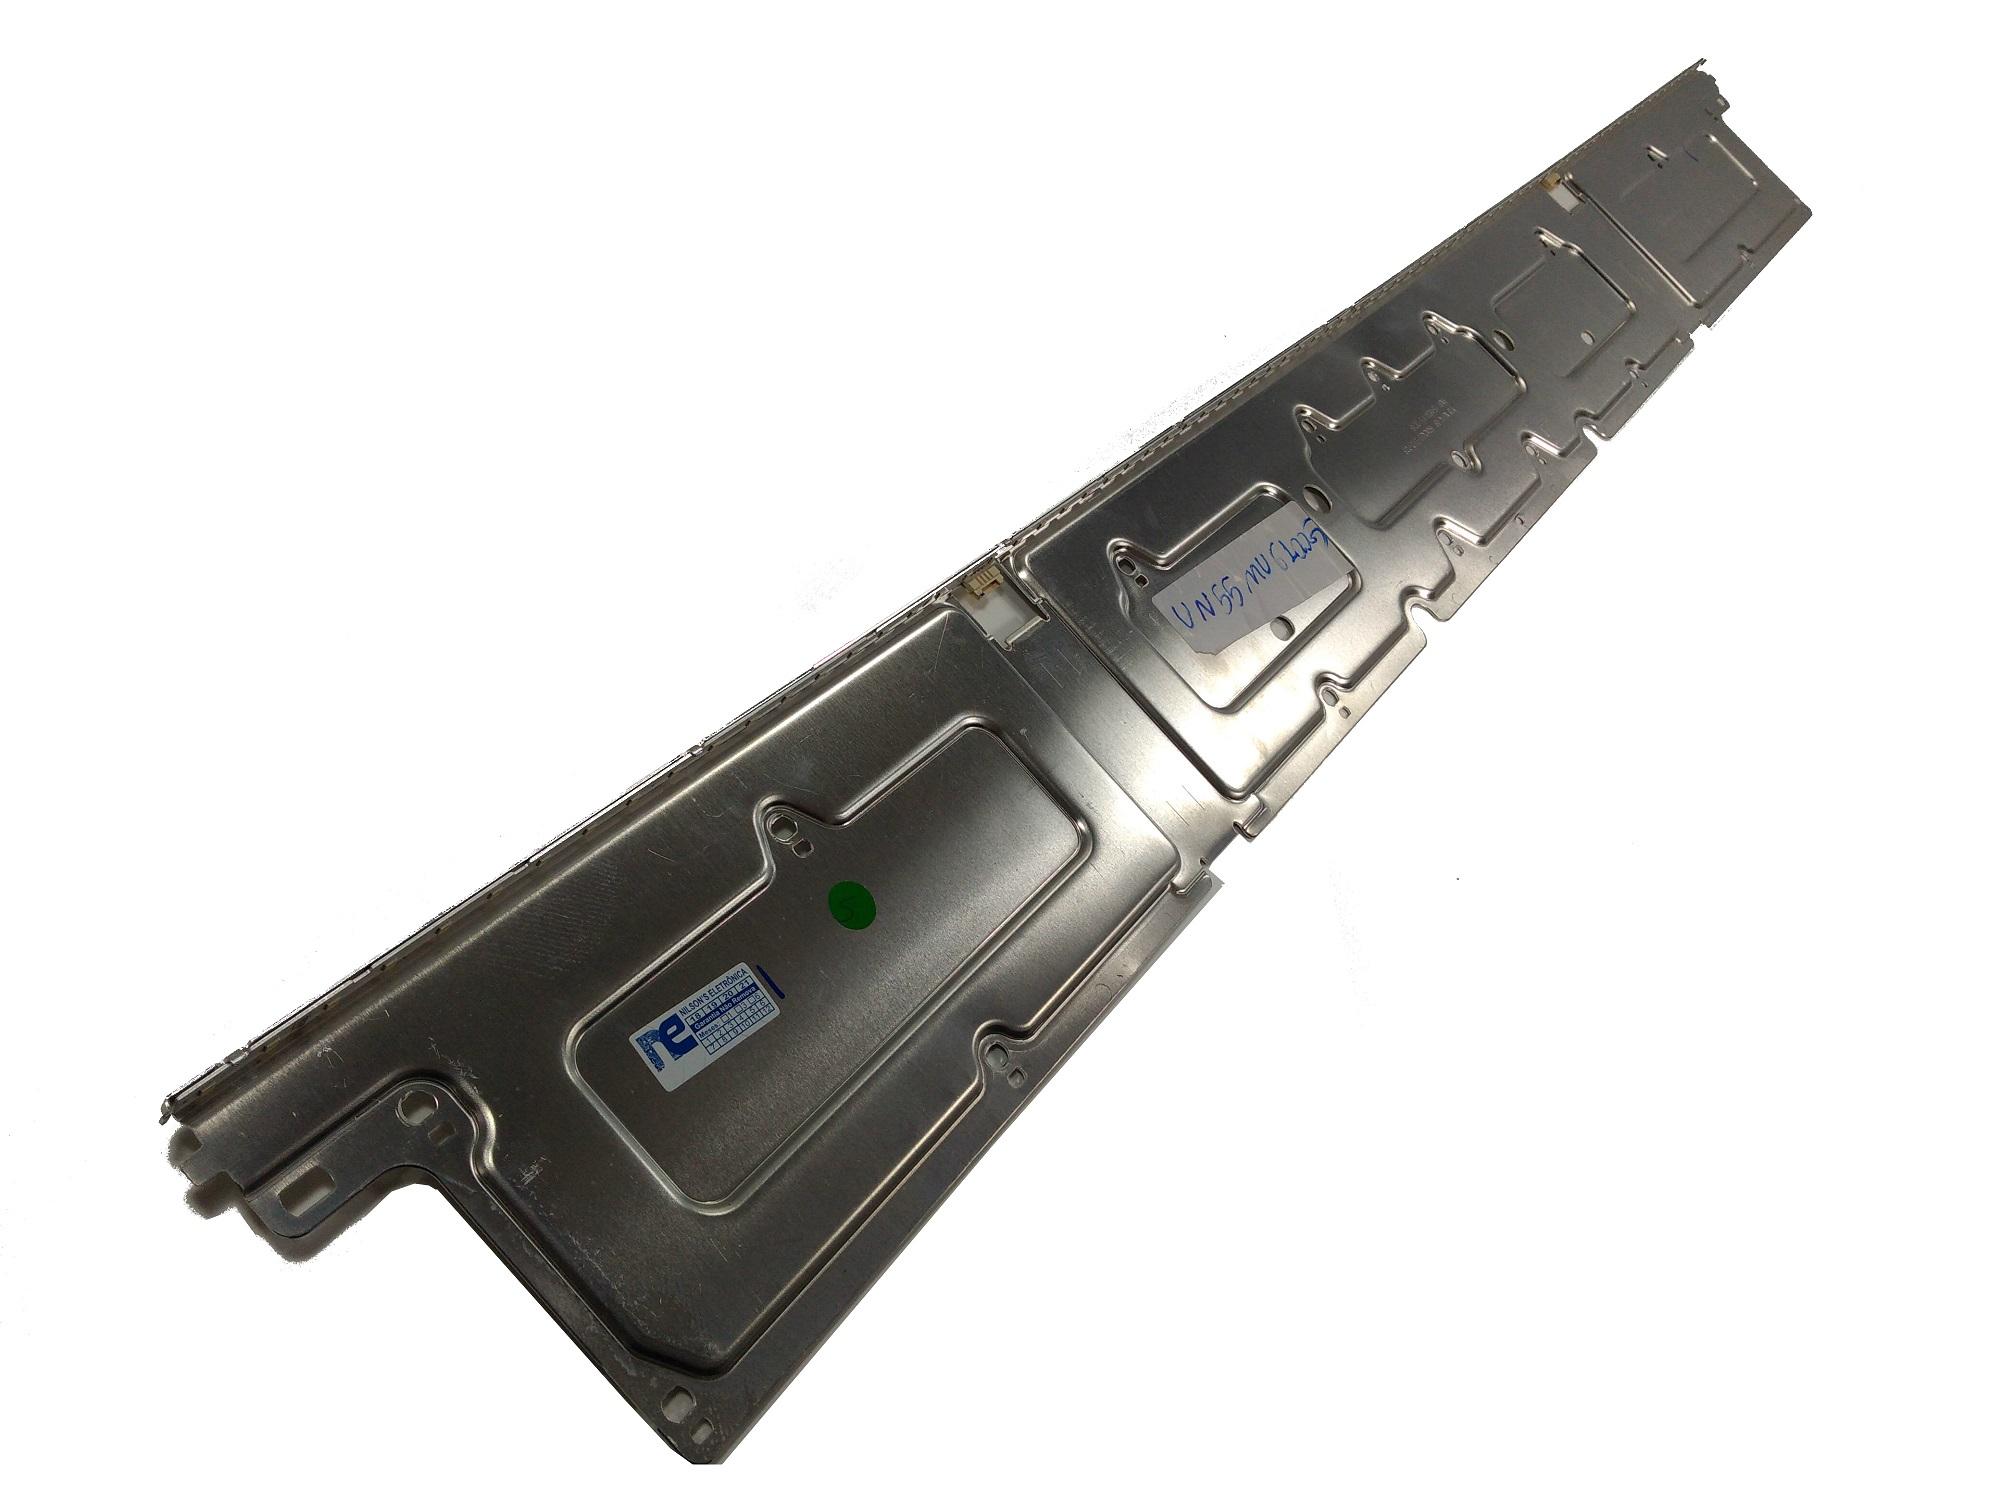 KIT BARRA DE LED SAMSUNG UN49NU7100G UN49RU7100G UN49NU7300G NO ALUMÍNIO